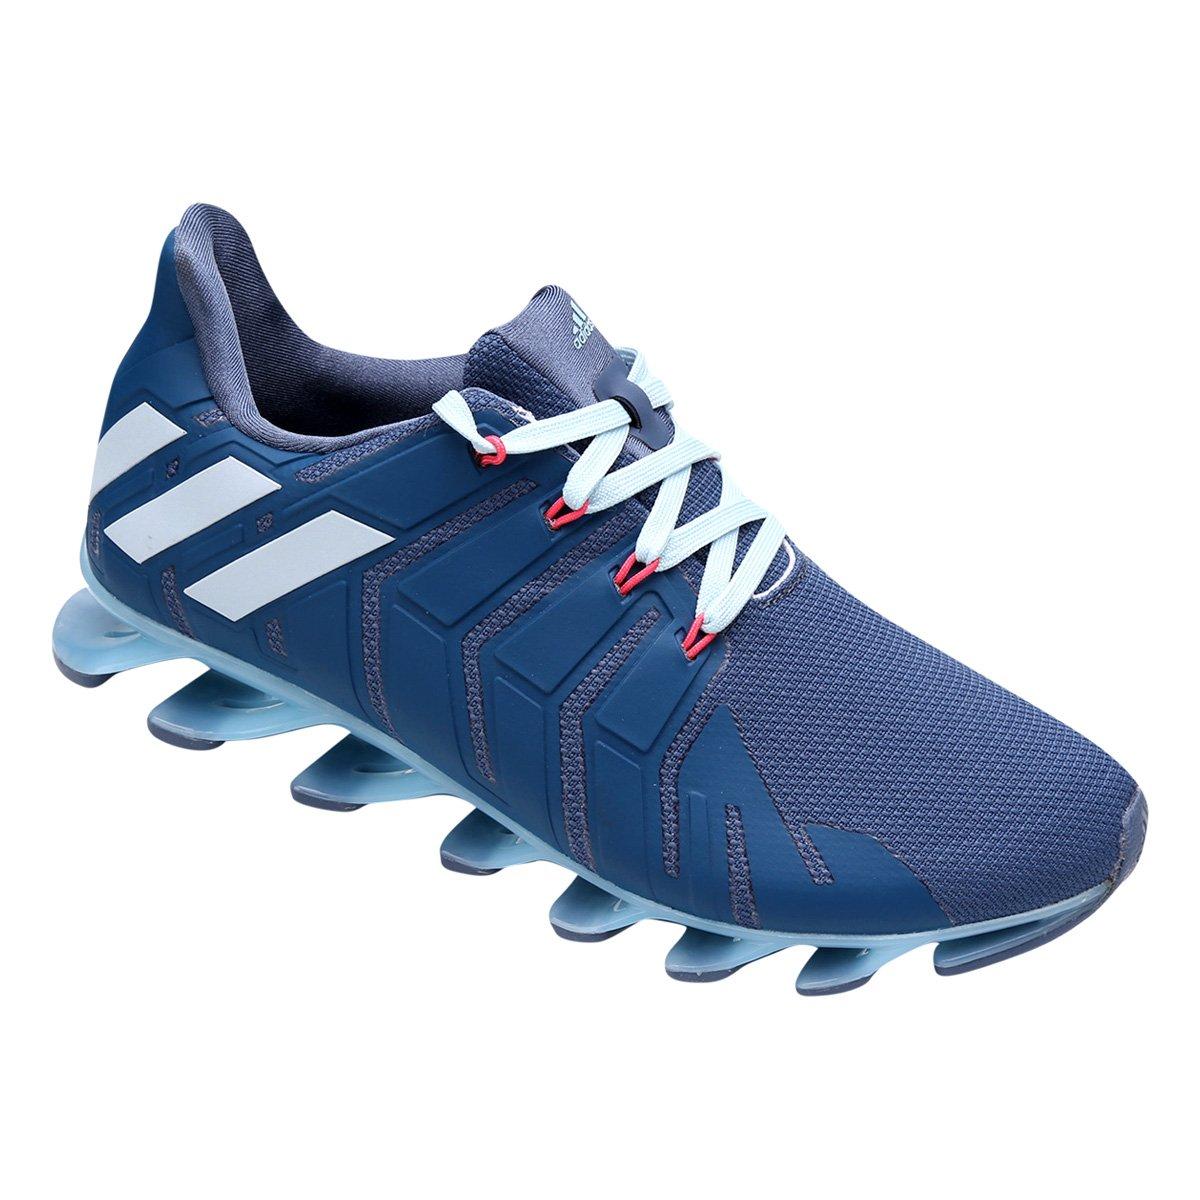 80bbc31b60 ... usa tênis adidas springblade pro feminino azul c3ba0 36678 ...